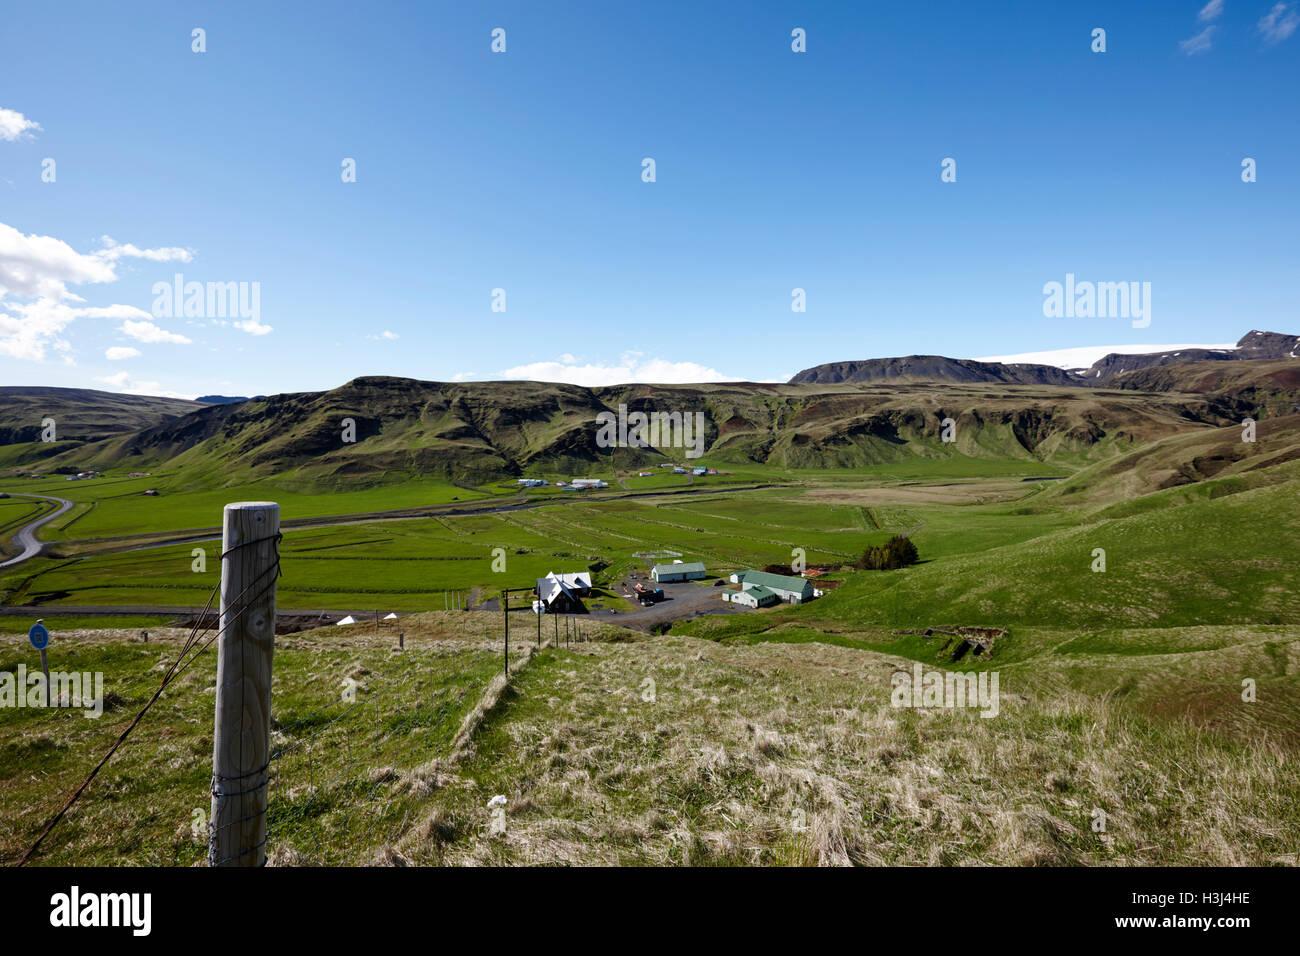 Bauernhöfe in üppigen fruchtbaren Tal im Süden Islands Stockbild